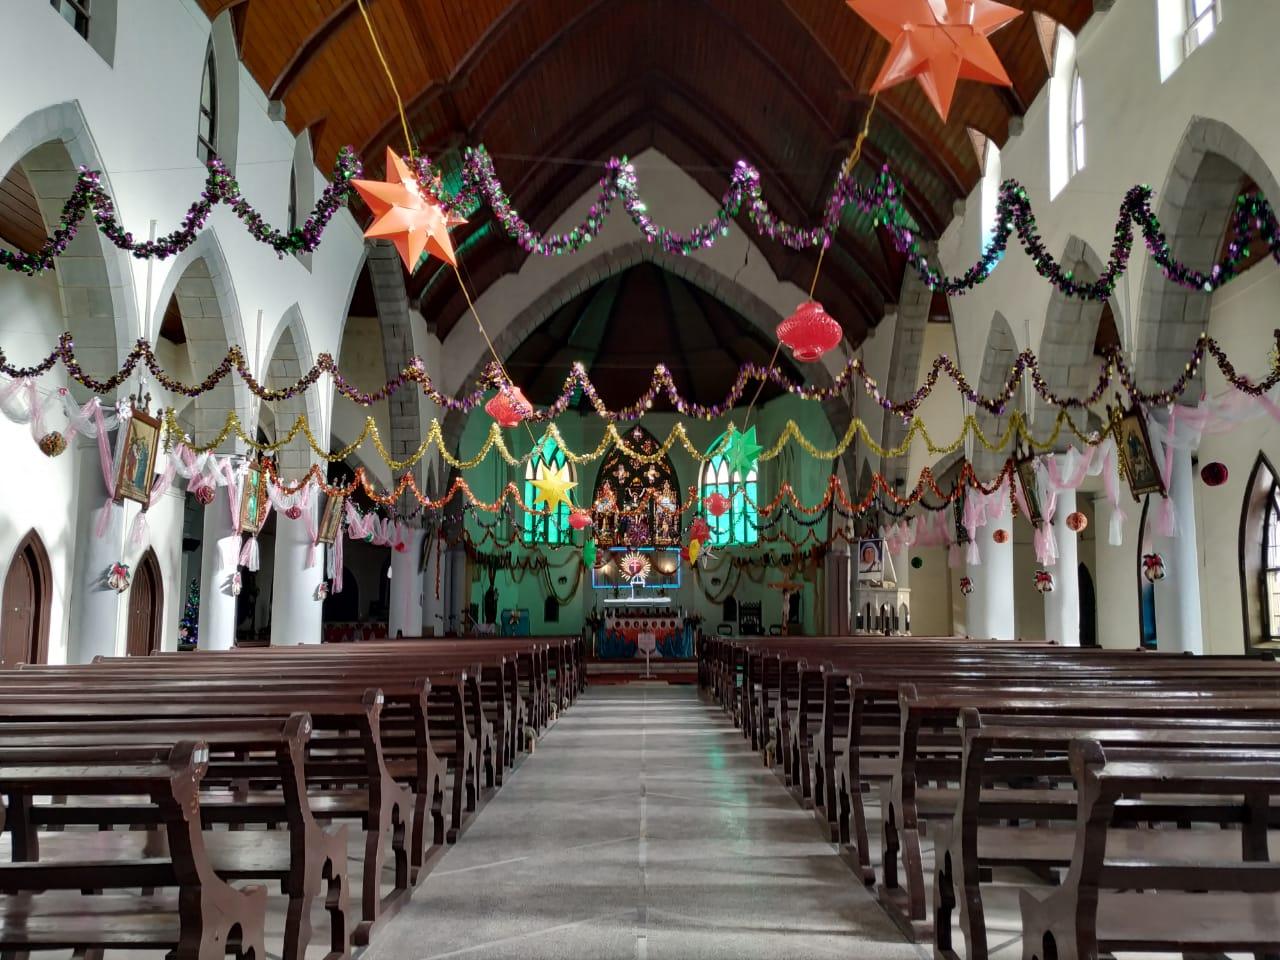 शिमला में क्रिसमस का जश्न सोमवार रात को 10 बजे से शुरू होगा. शिमला के कैथोलिक चर्च में आज रात को कैरेल के गीत गाए जाएंगे.